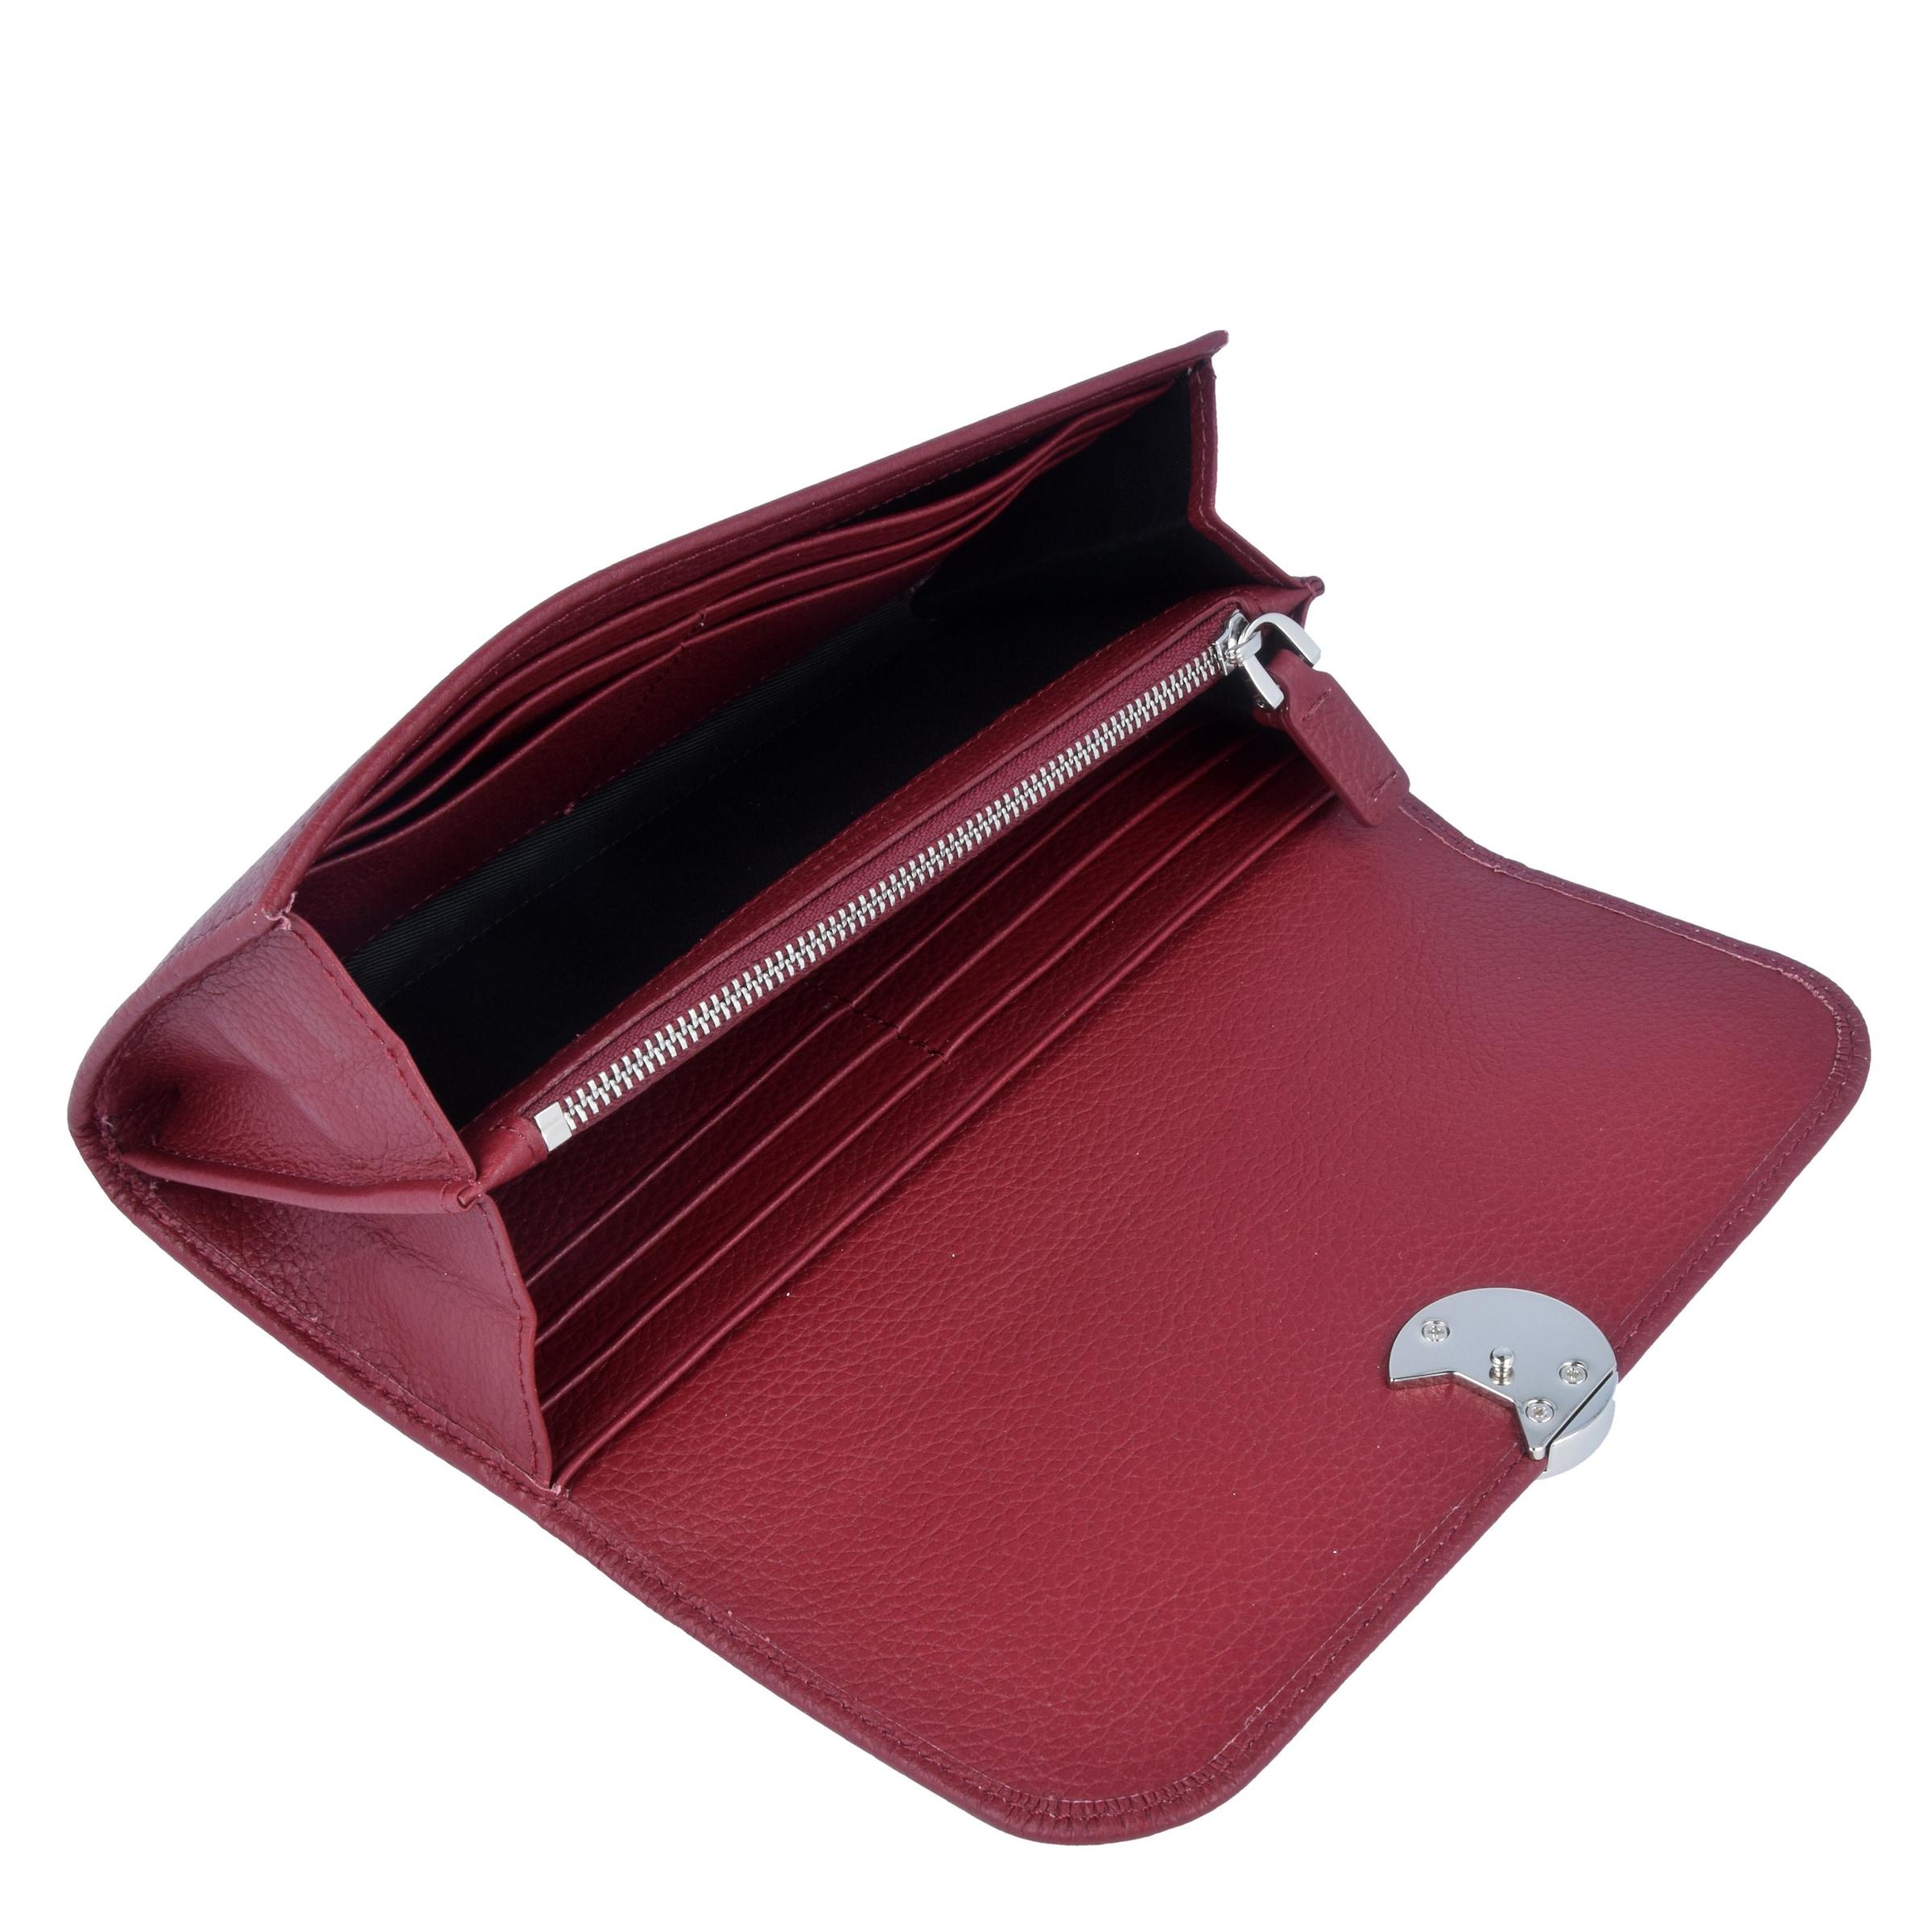 Rot Coccinelle 'craquante' Coccinelle Geldbörse In Geldbörse EW9I2HYD